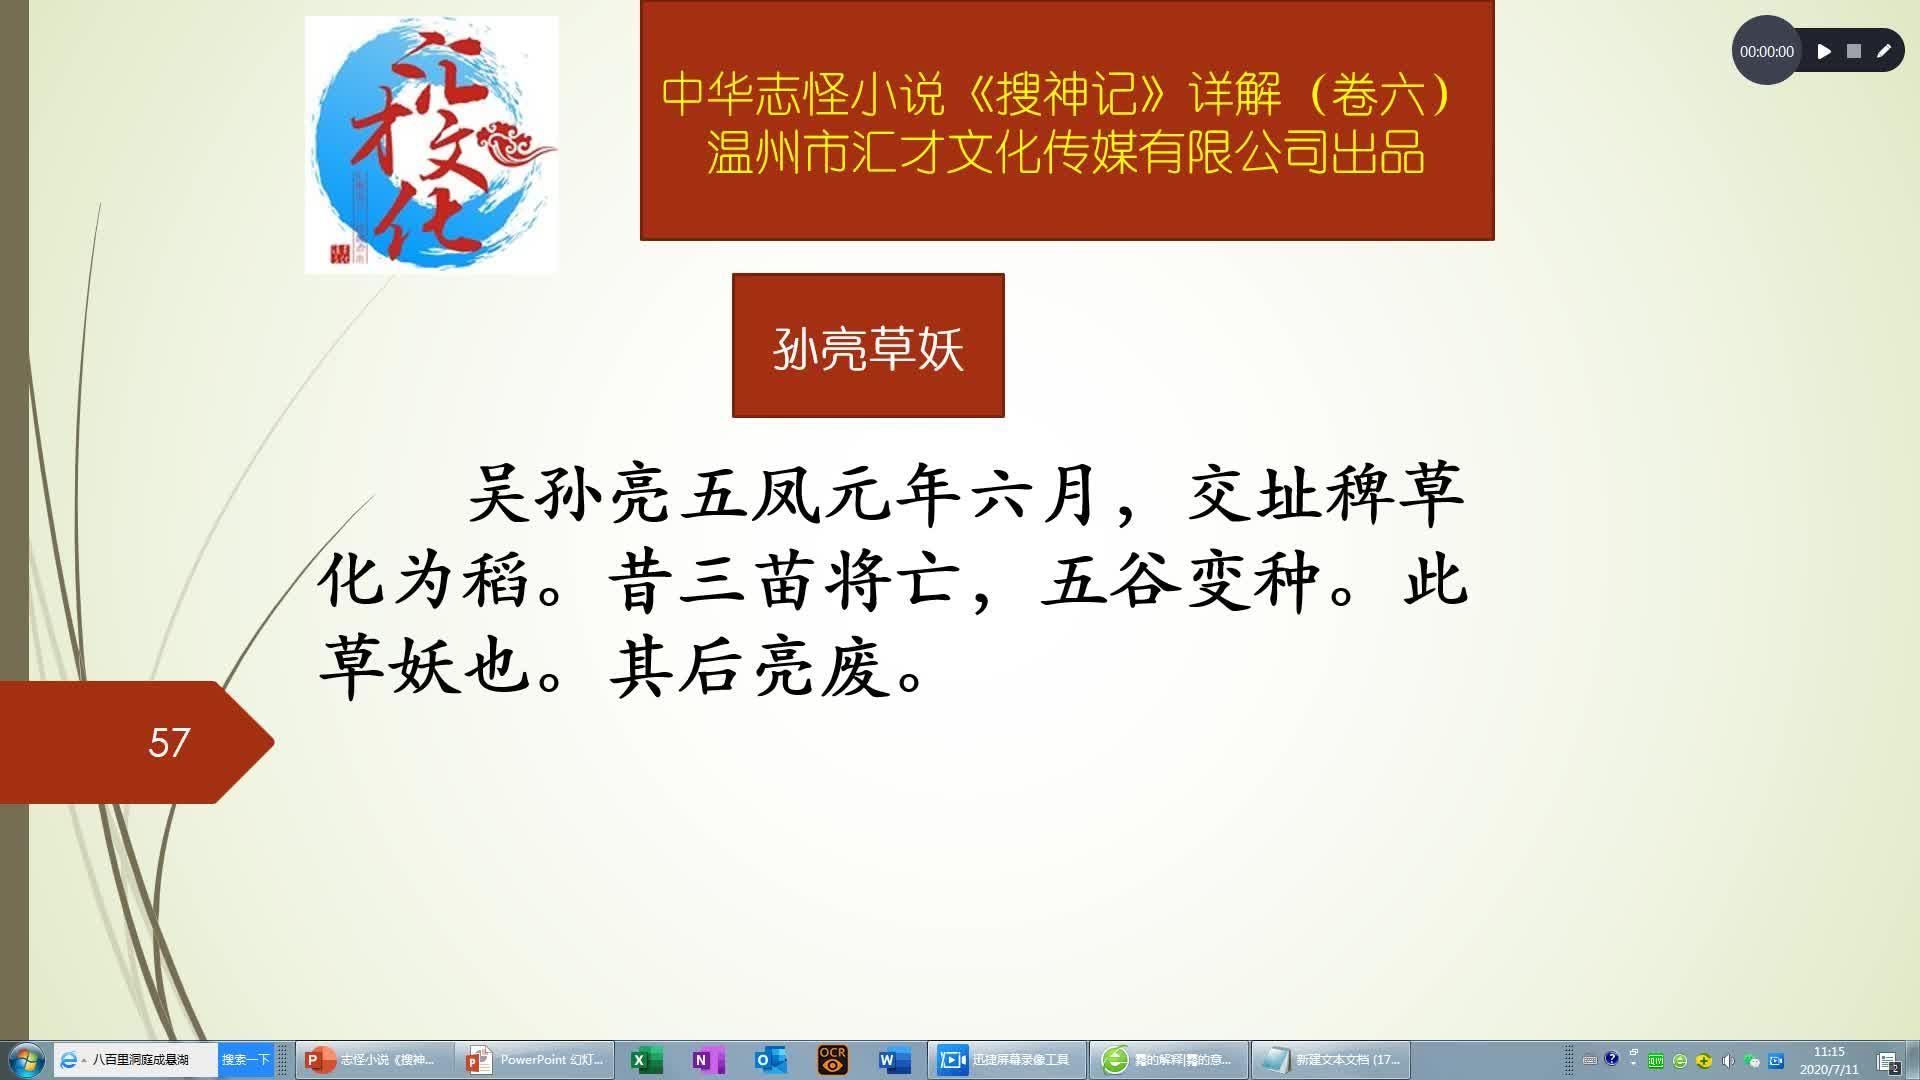 中华志怪小说《搜神记》详解卷六104孙亮草妖